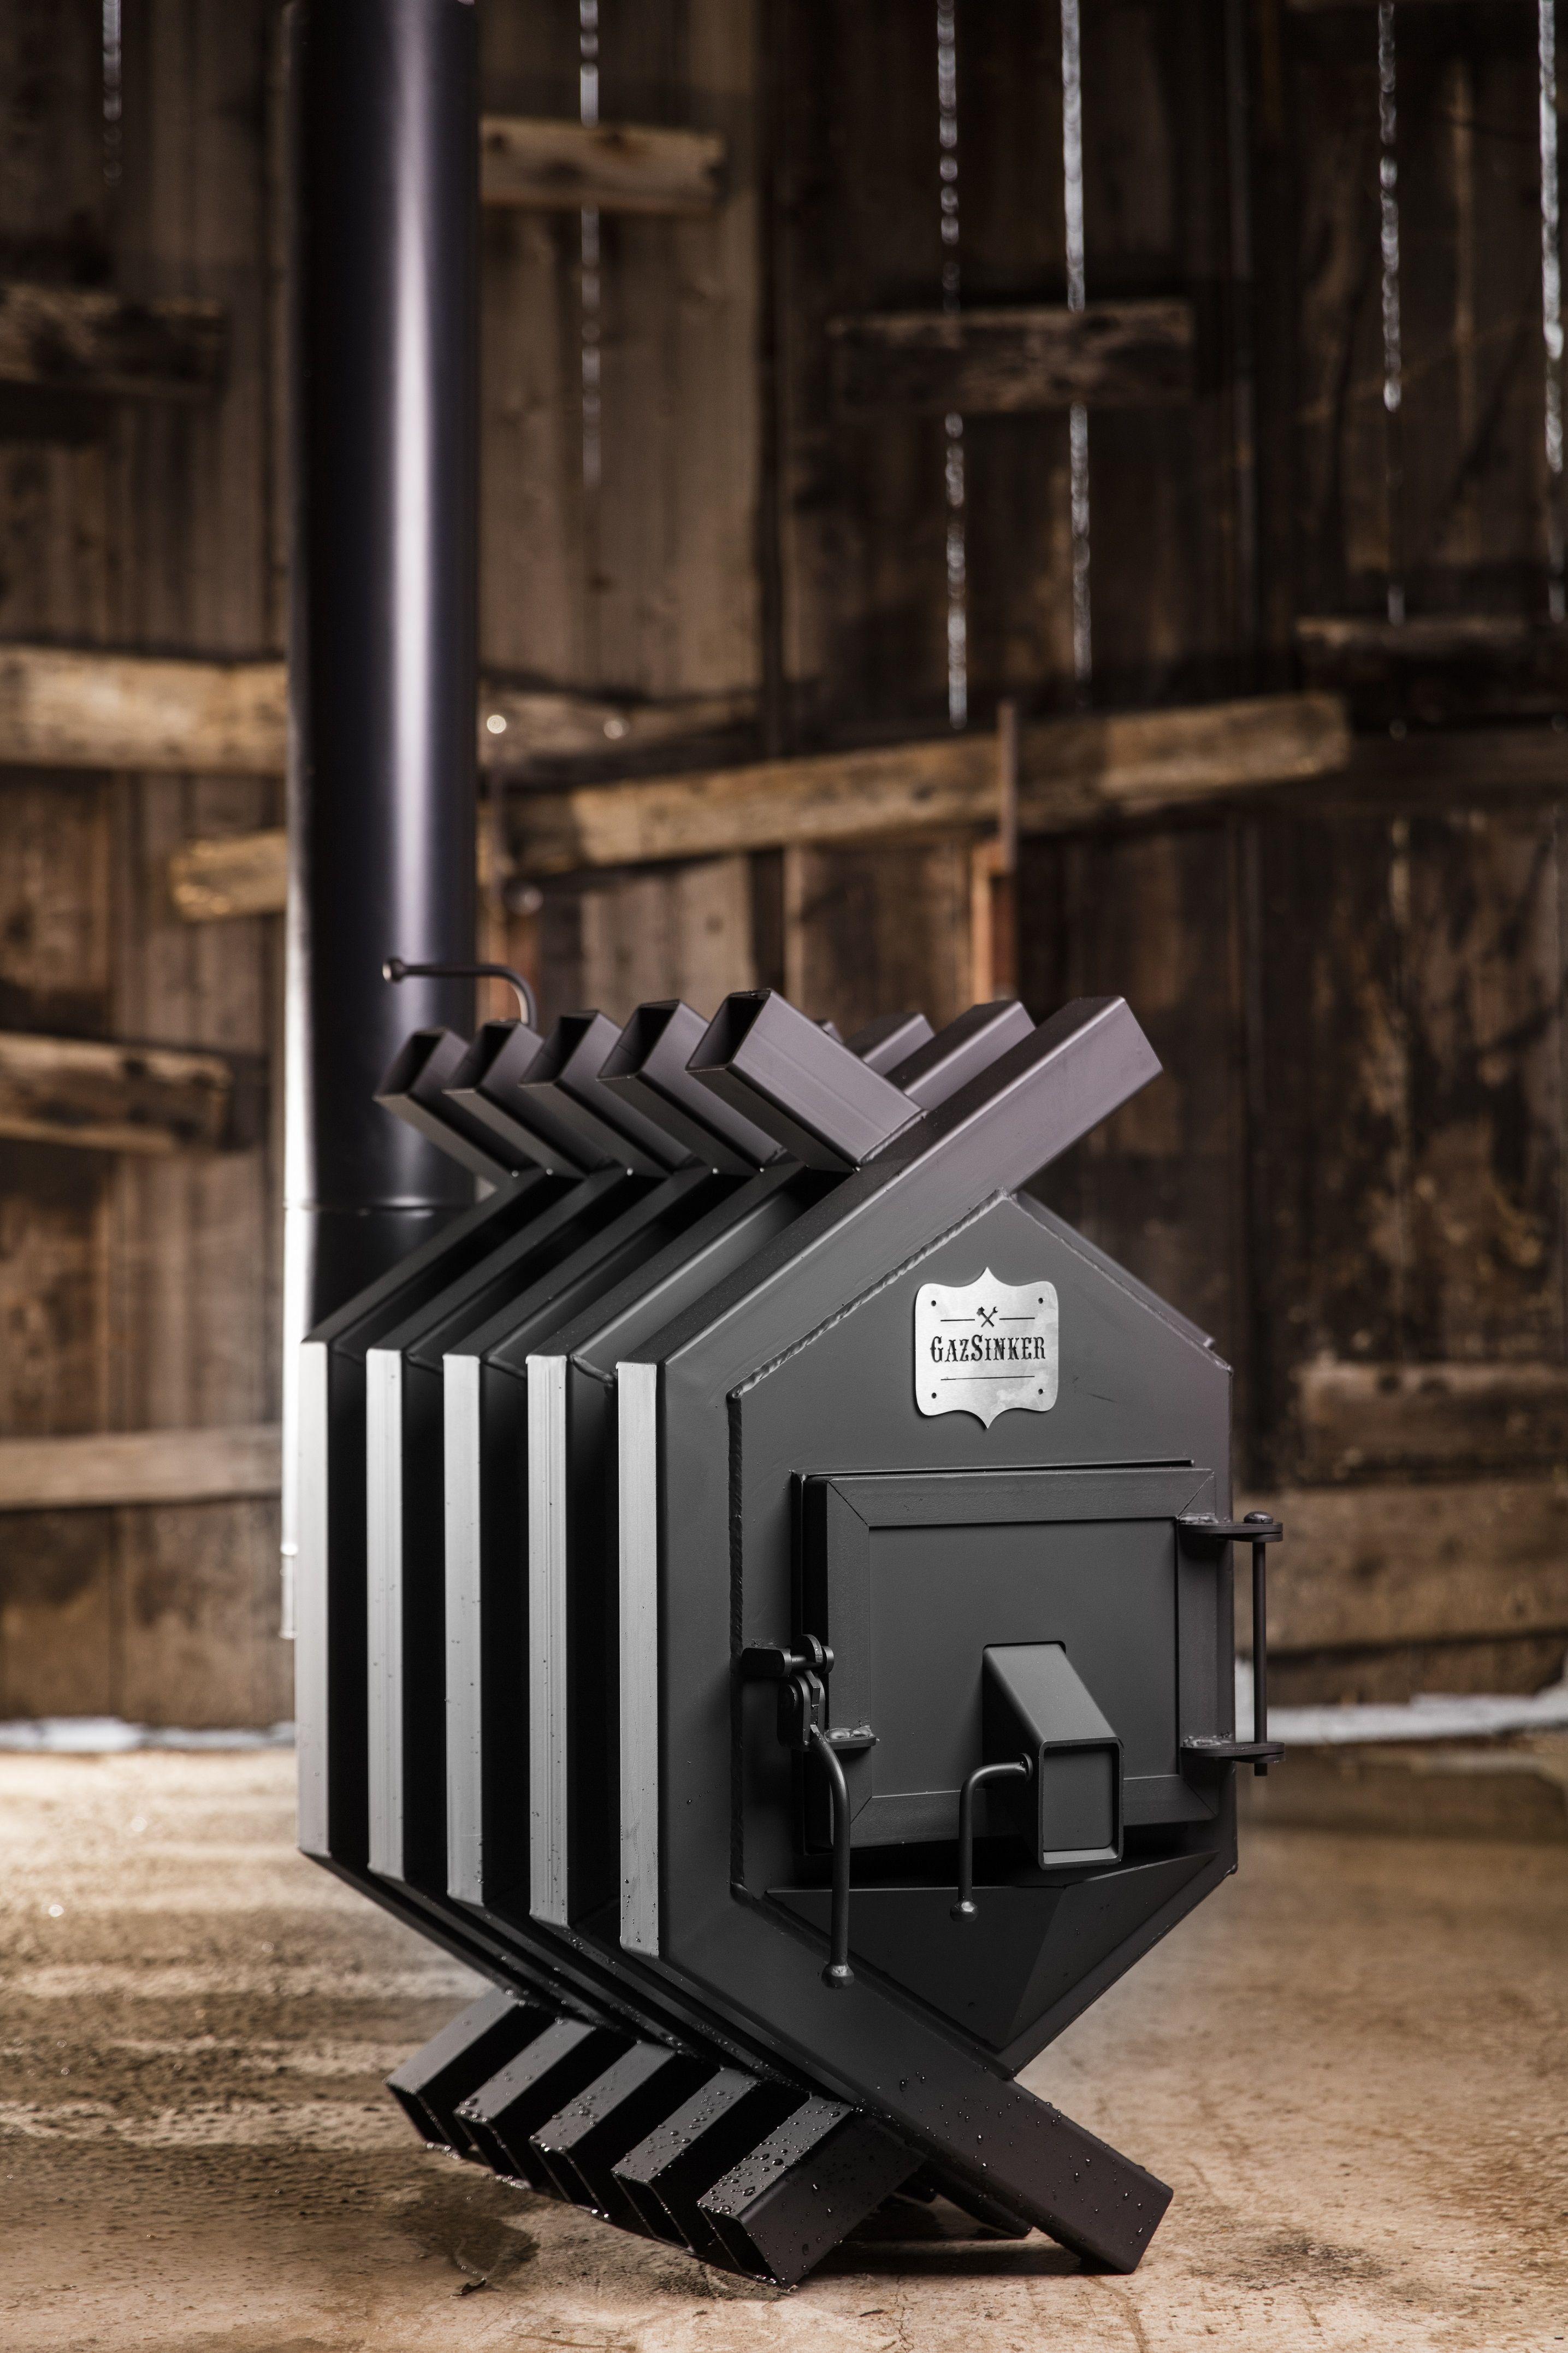 Kachel Heater Gazsinker Rocket Stove Stoves Ovens